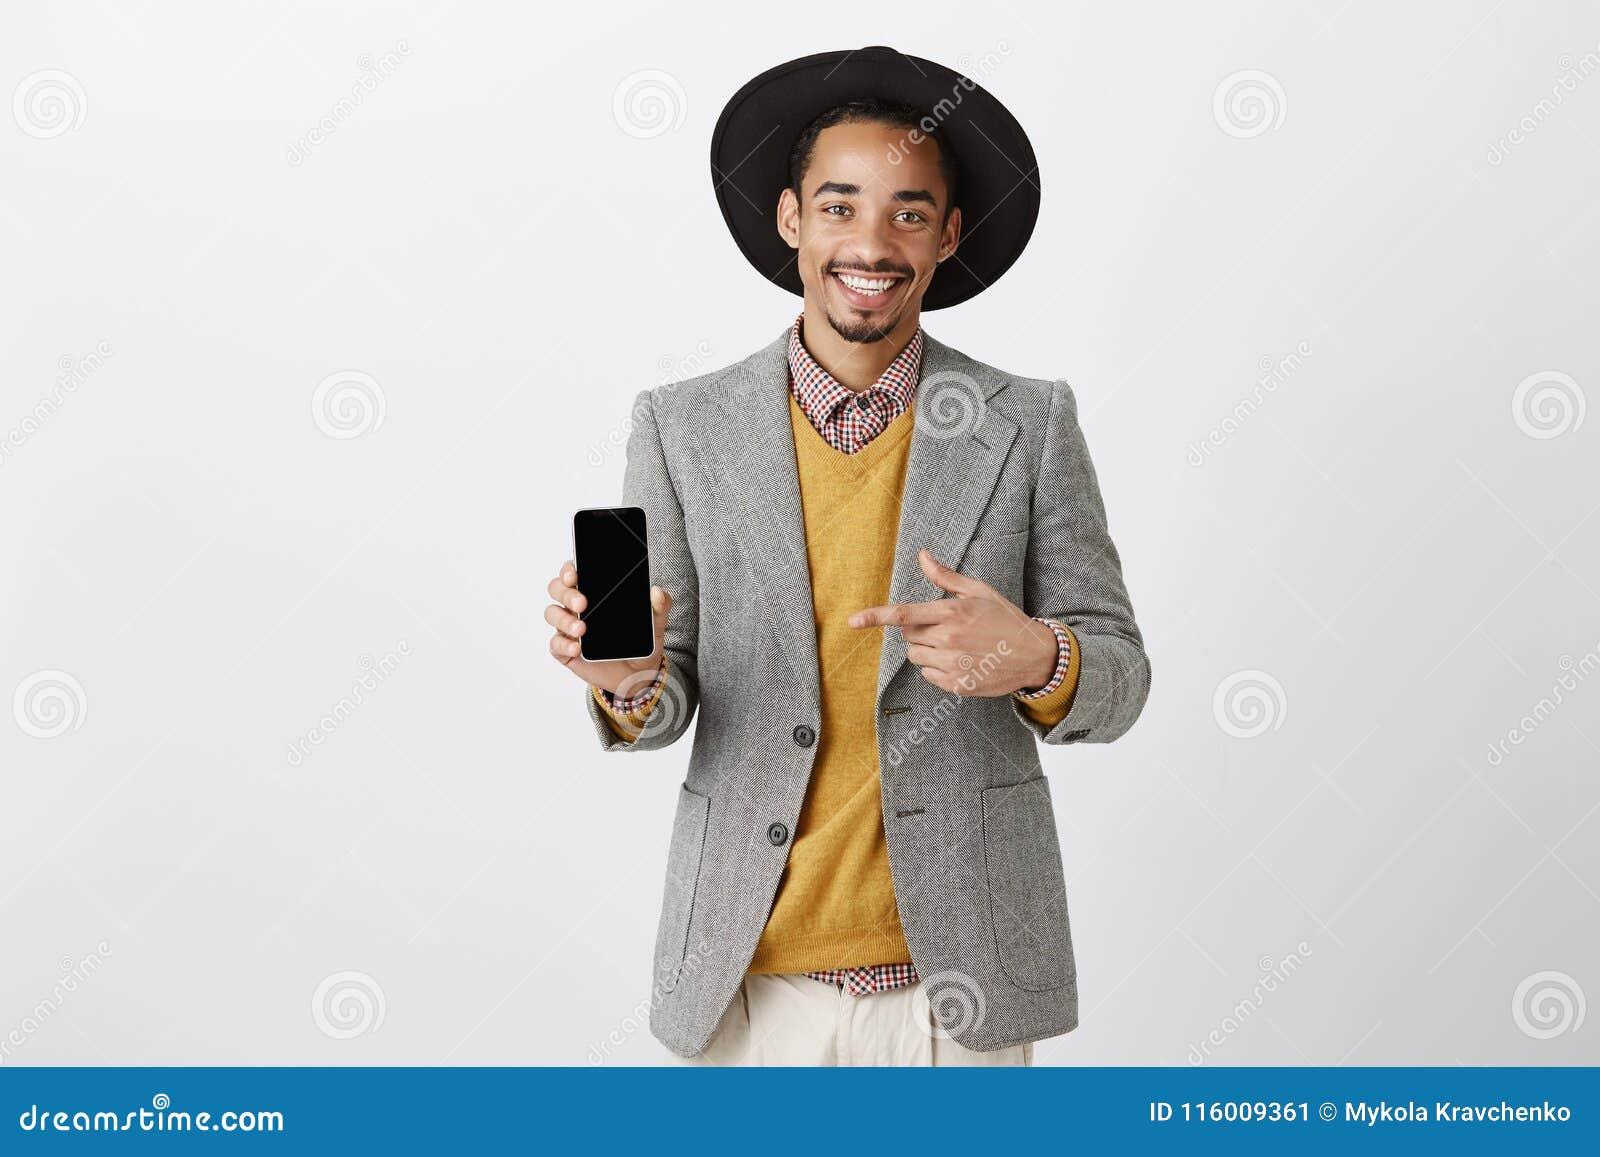 W końcu nowy model smartphone Pozytywny szczęśliwy facet w eleganckim stroju i kapeluszu pokazuje smartphone i wskazuje przy przy